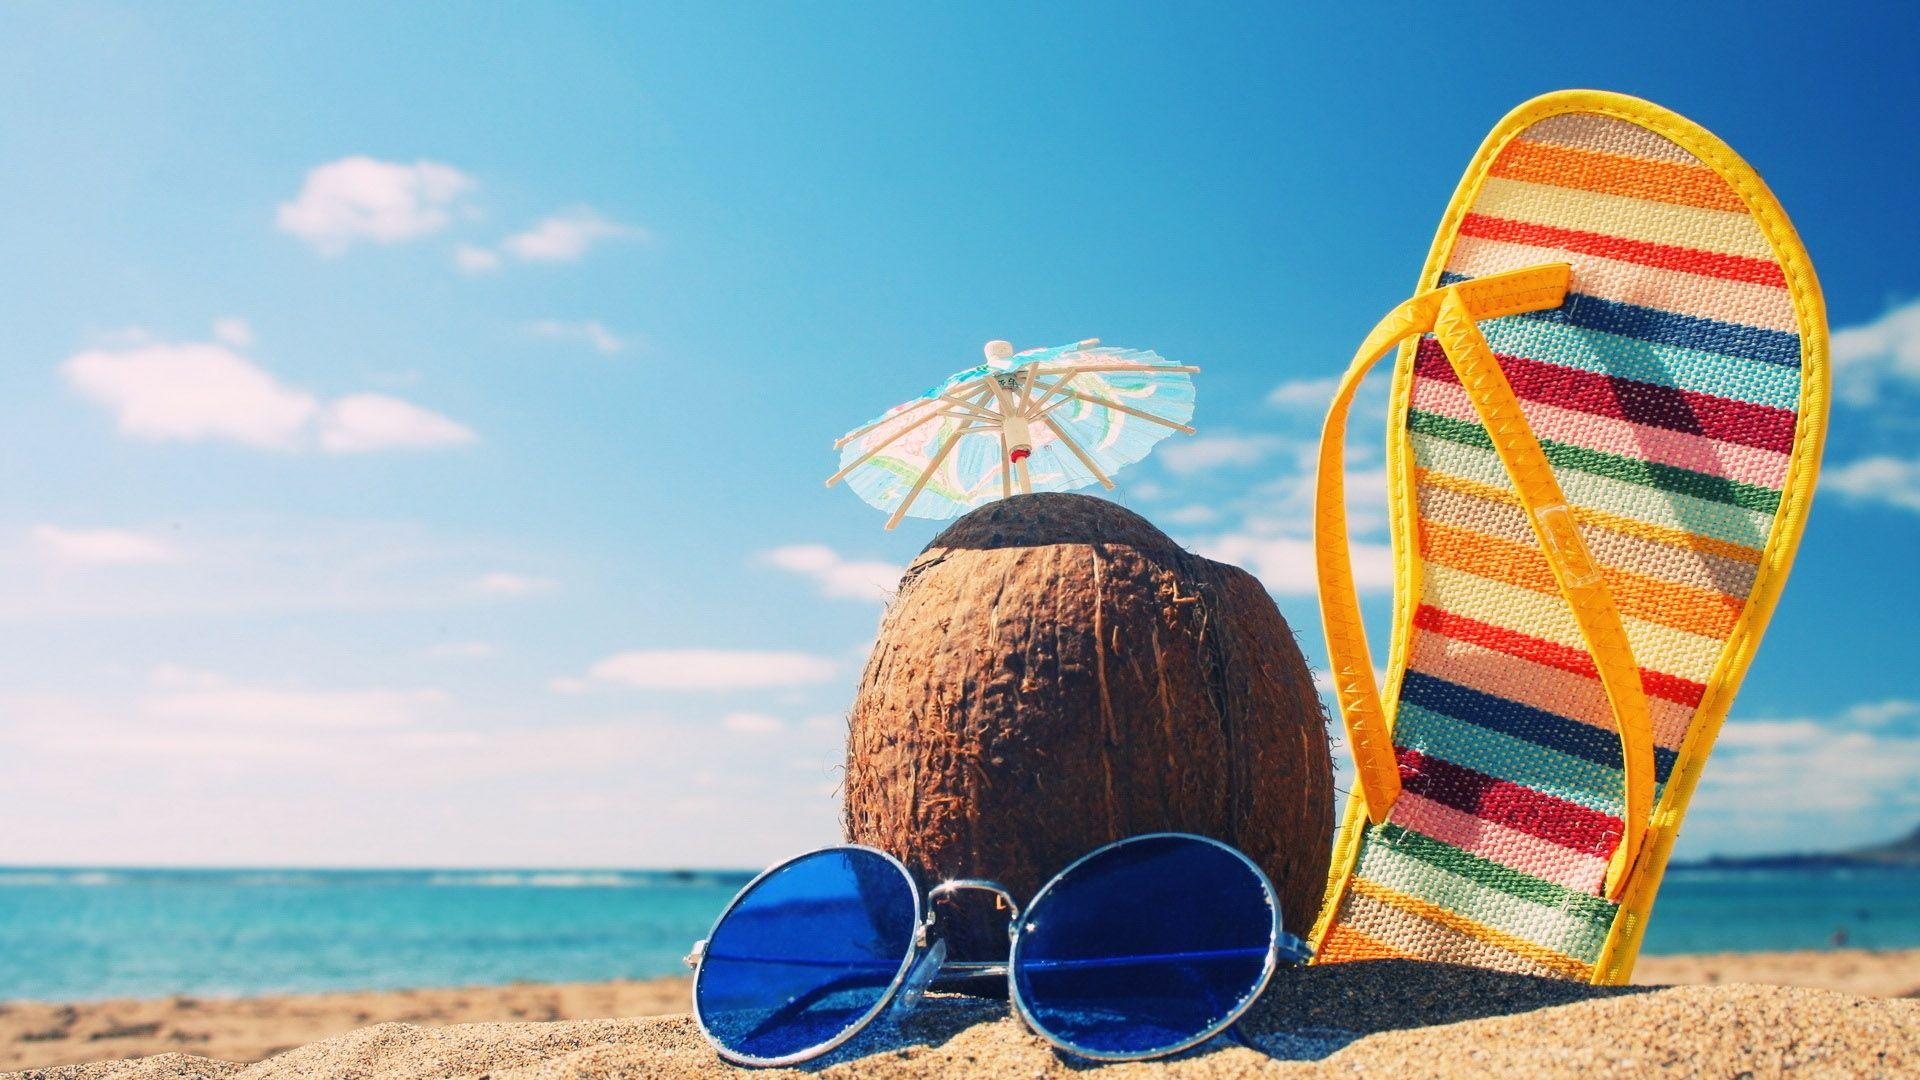 38 důvodů, proč zbožňovat léto | Vaše online papírnictví